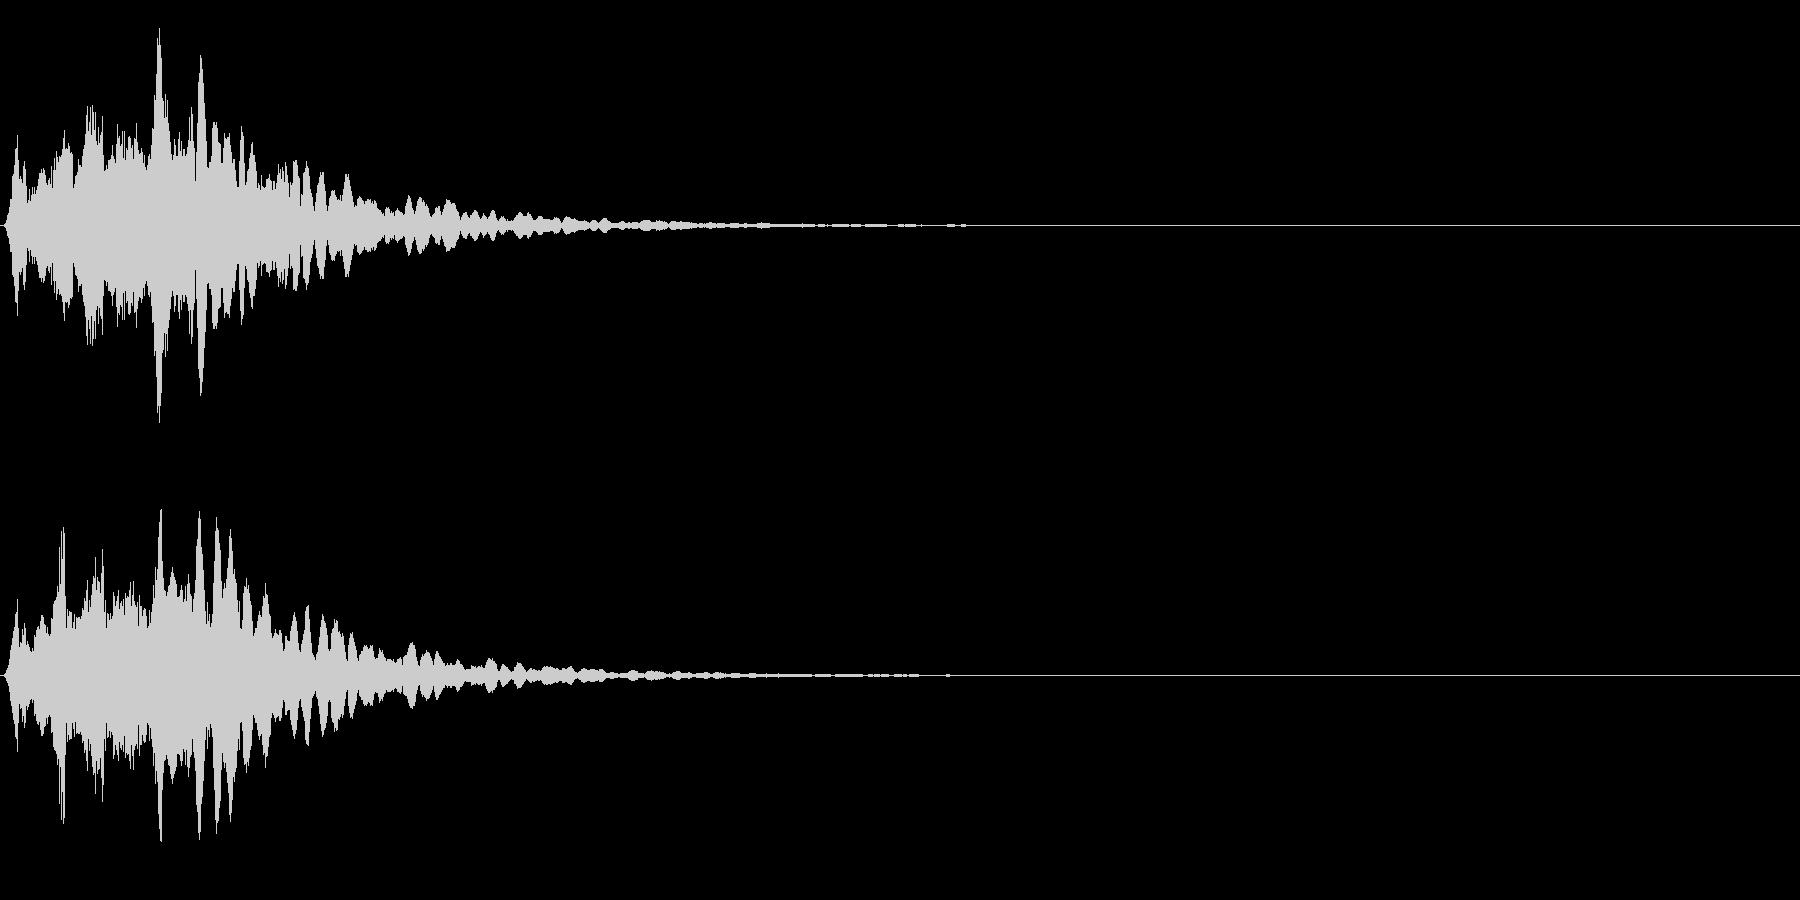 ゲームスタート、決定、ボタン音-010の未再生の波形